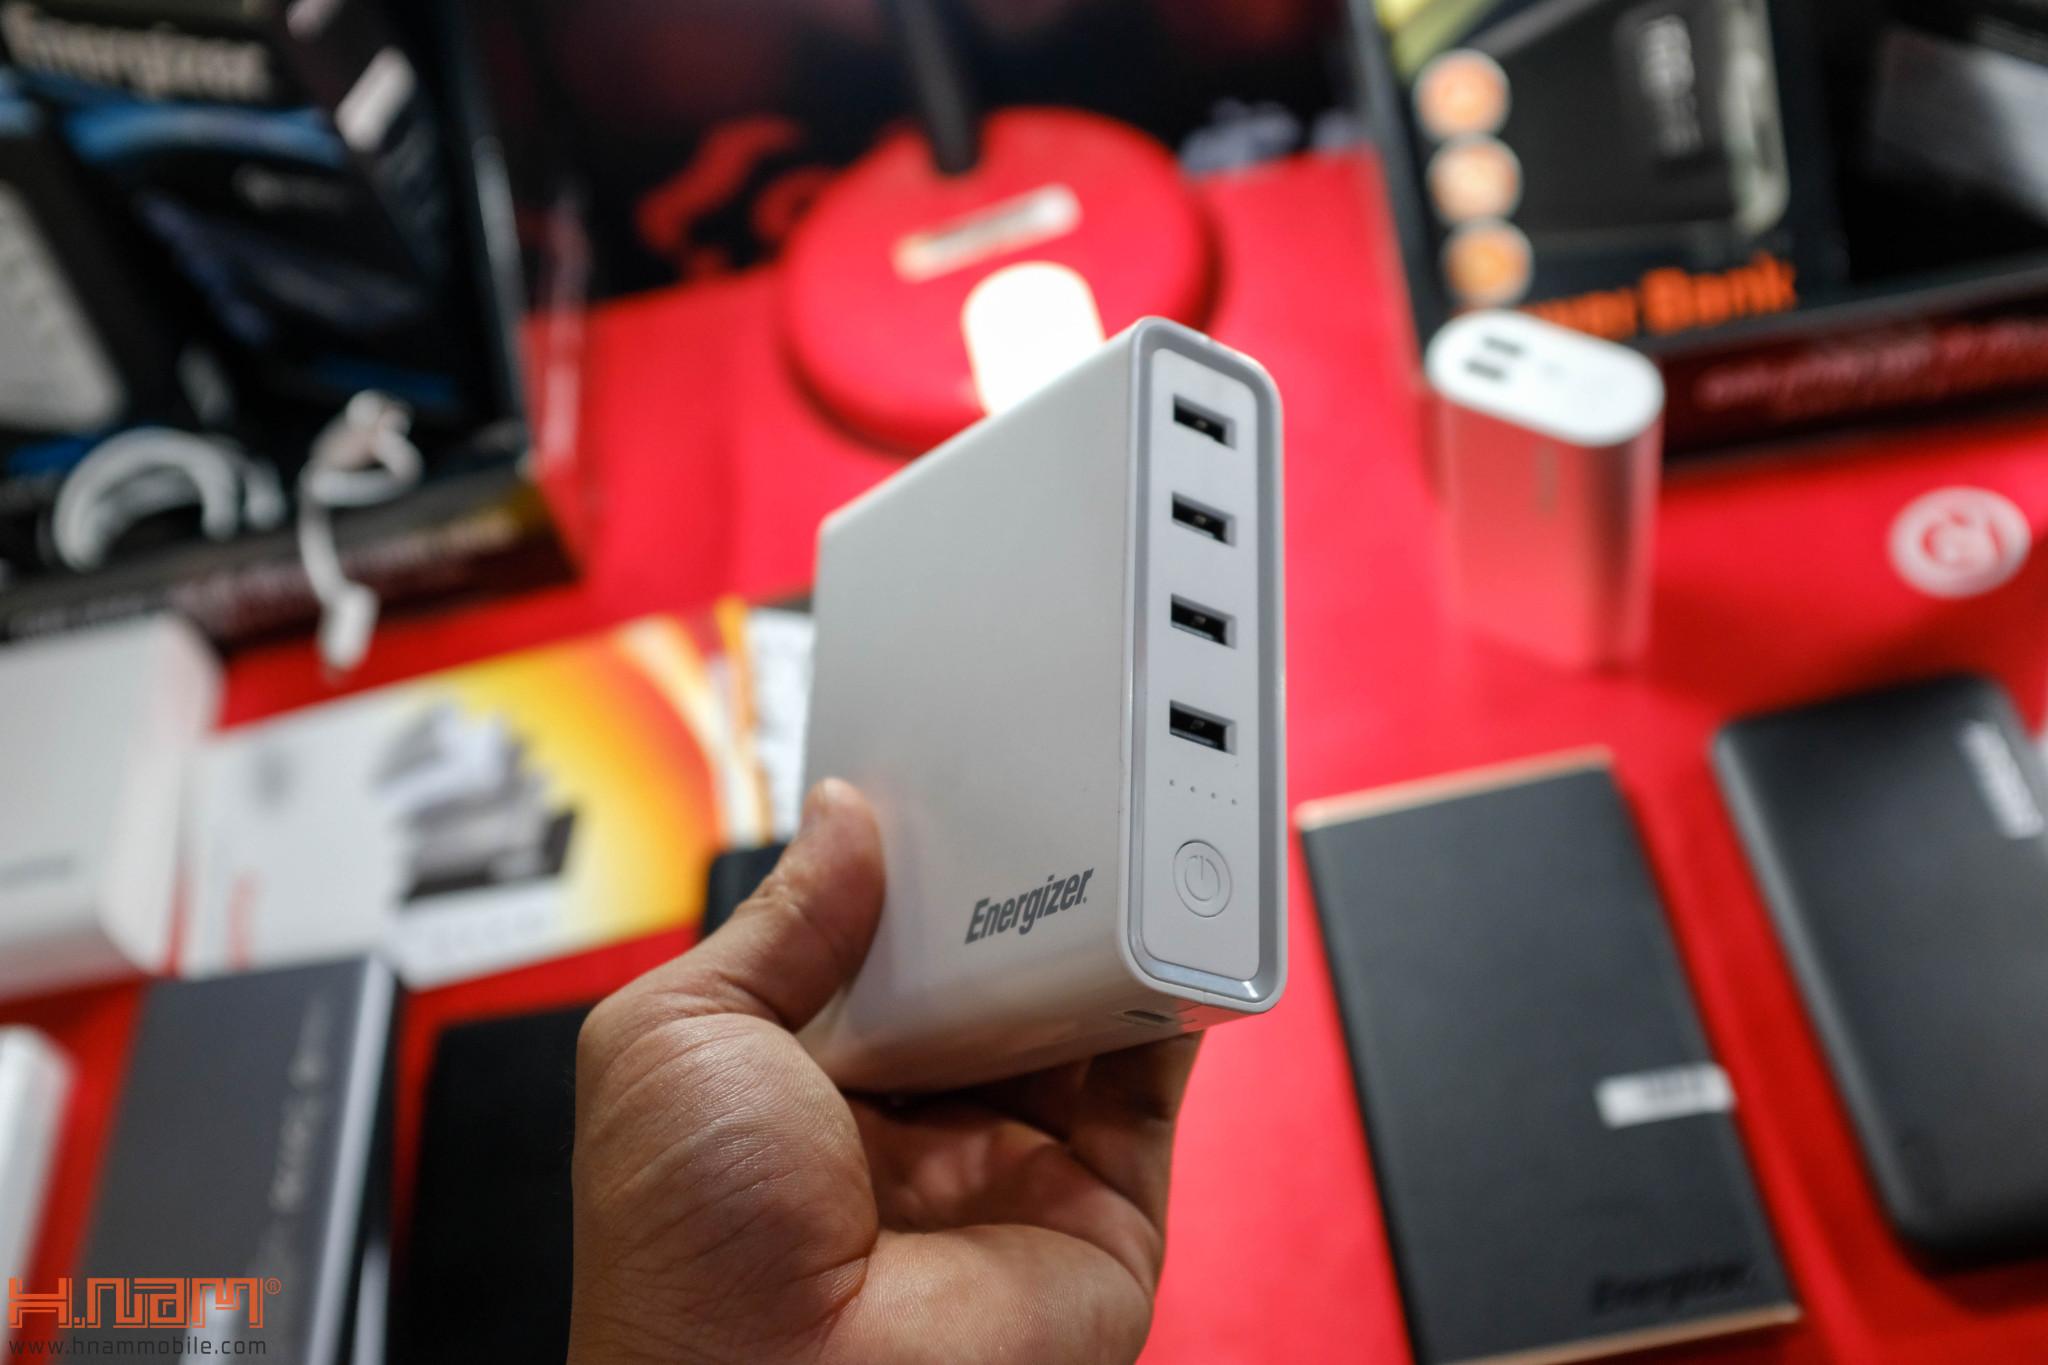 Energizer ra mắt 5 mẫu pin dự phòng mới tại Việt Nam: Bảo hành 2 năm 1 đổi 1, giá từ 800.000Đ hình 3